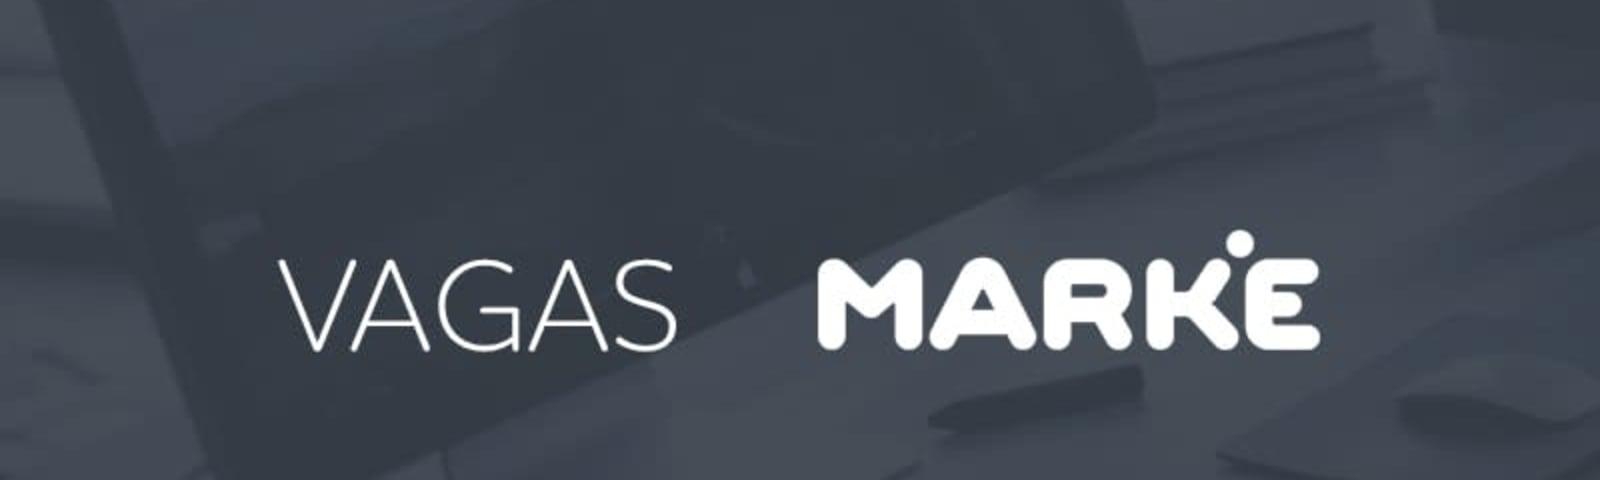 Imagem de destaque do post Vagas na Marke: junte-se ao nosso time